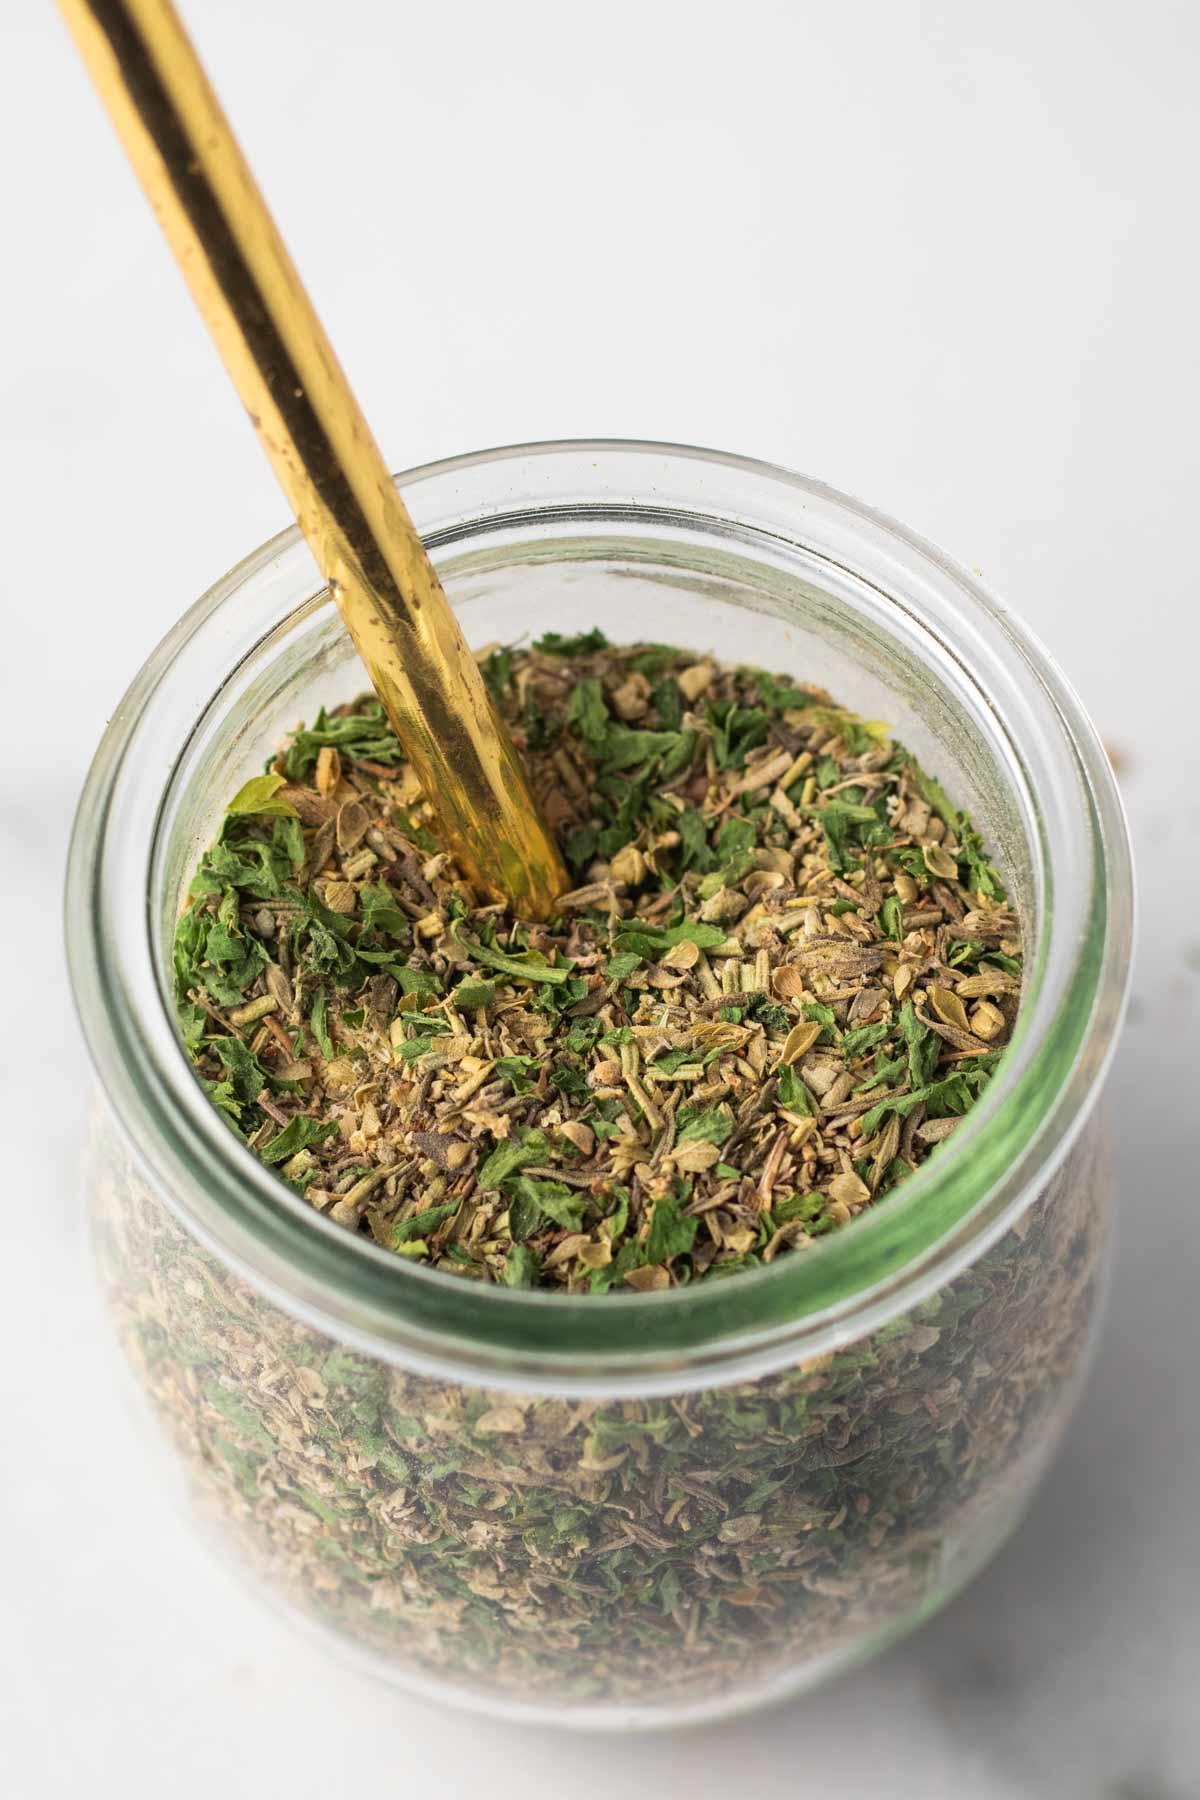 Jar of DIY Italian seasoning.